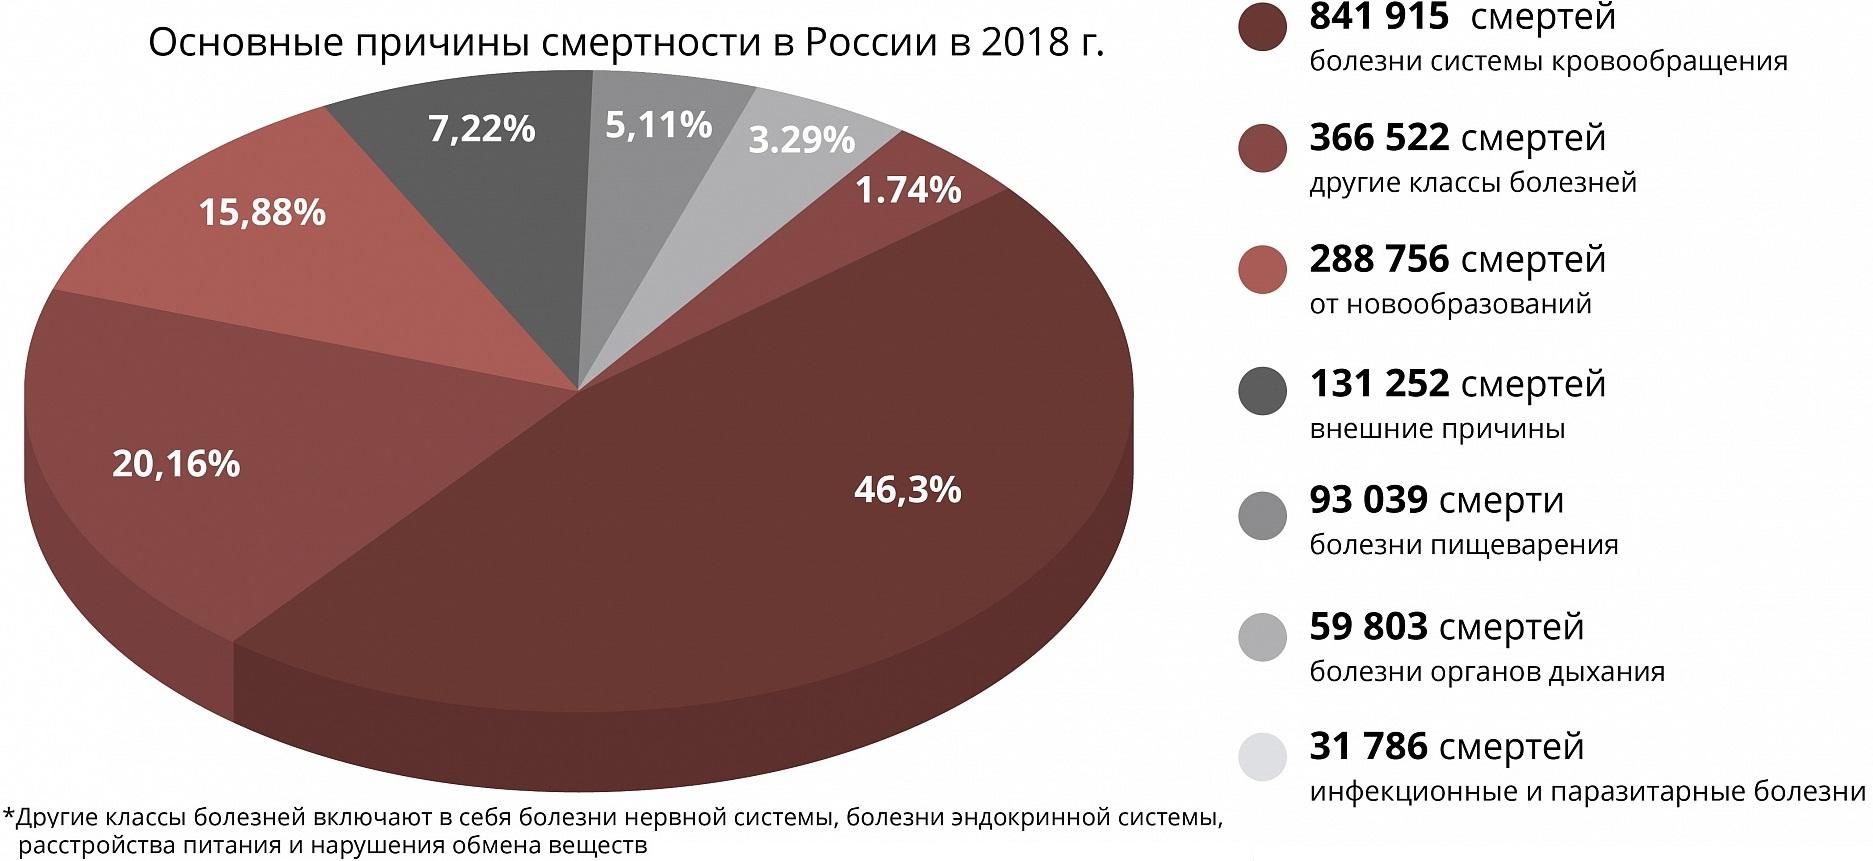 какое место занимает россия по смертности